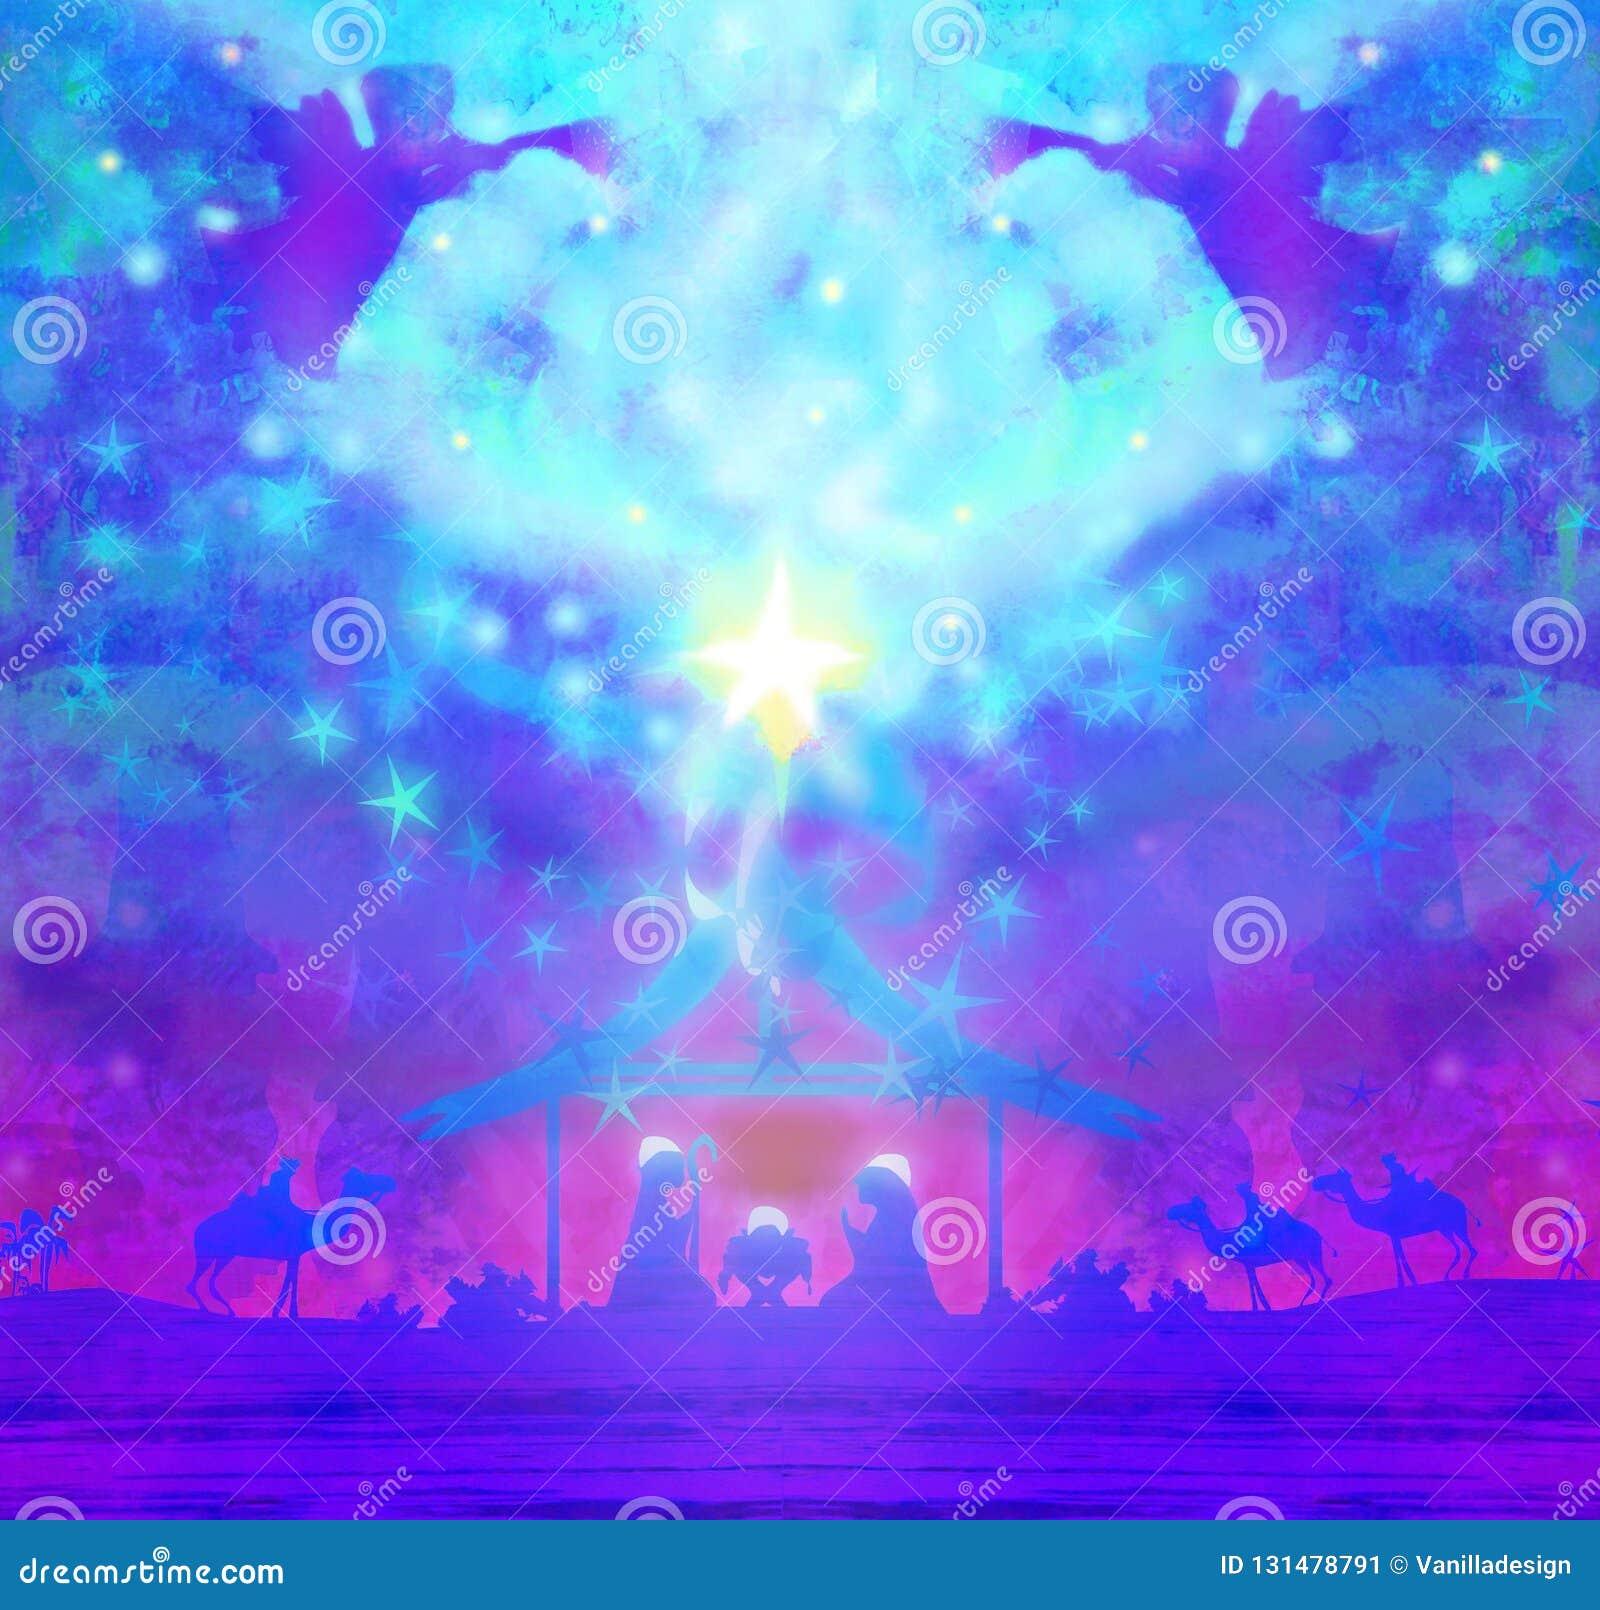 Bożenarodzeniowa religijna narodzenie jezusa scena z aniołami